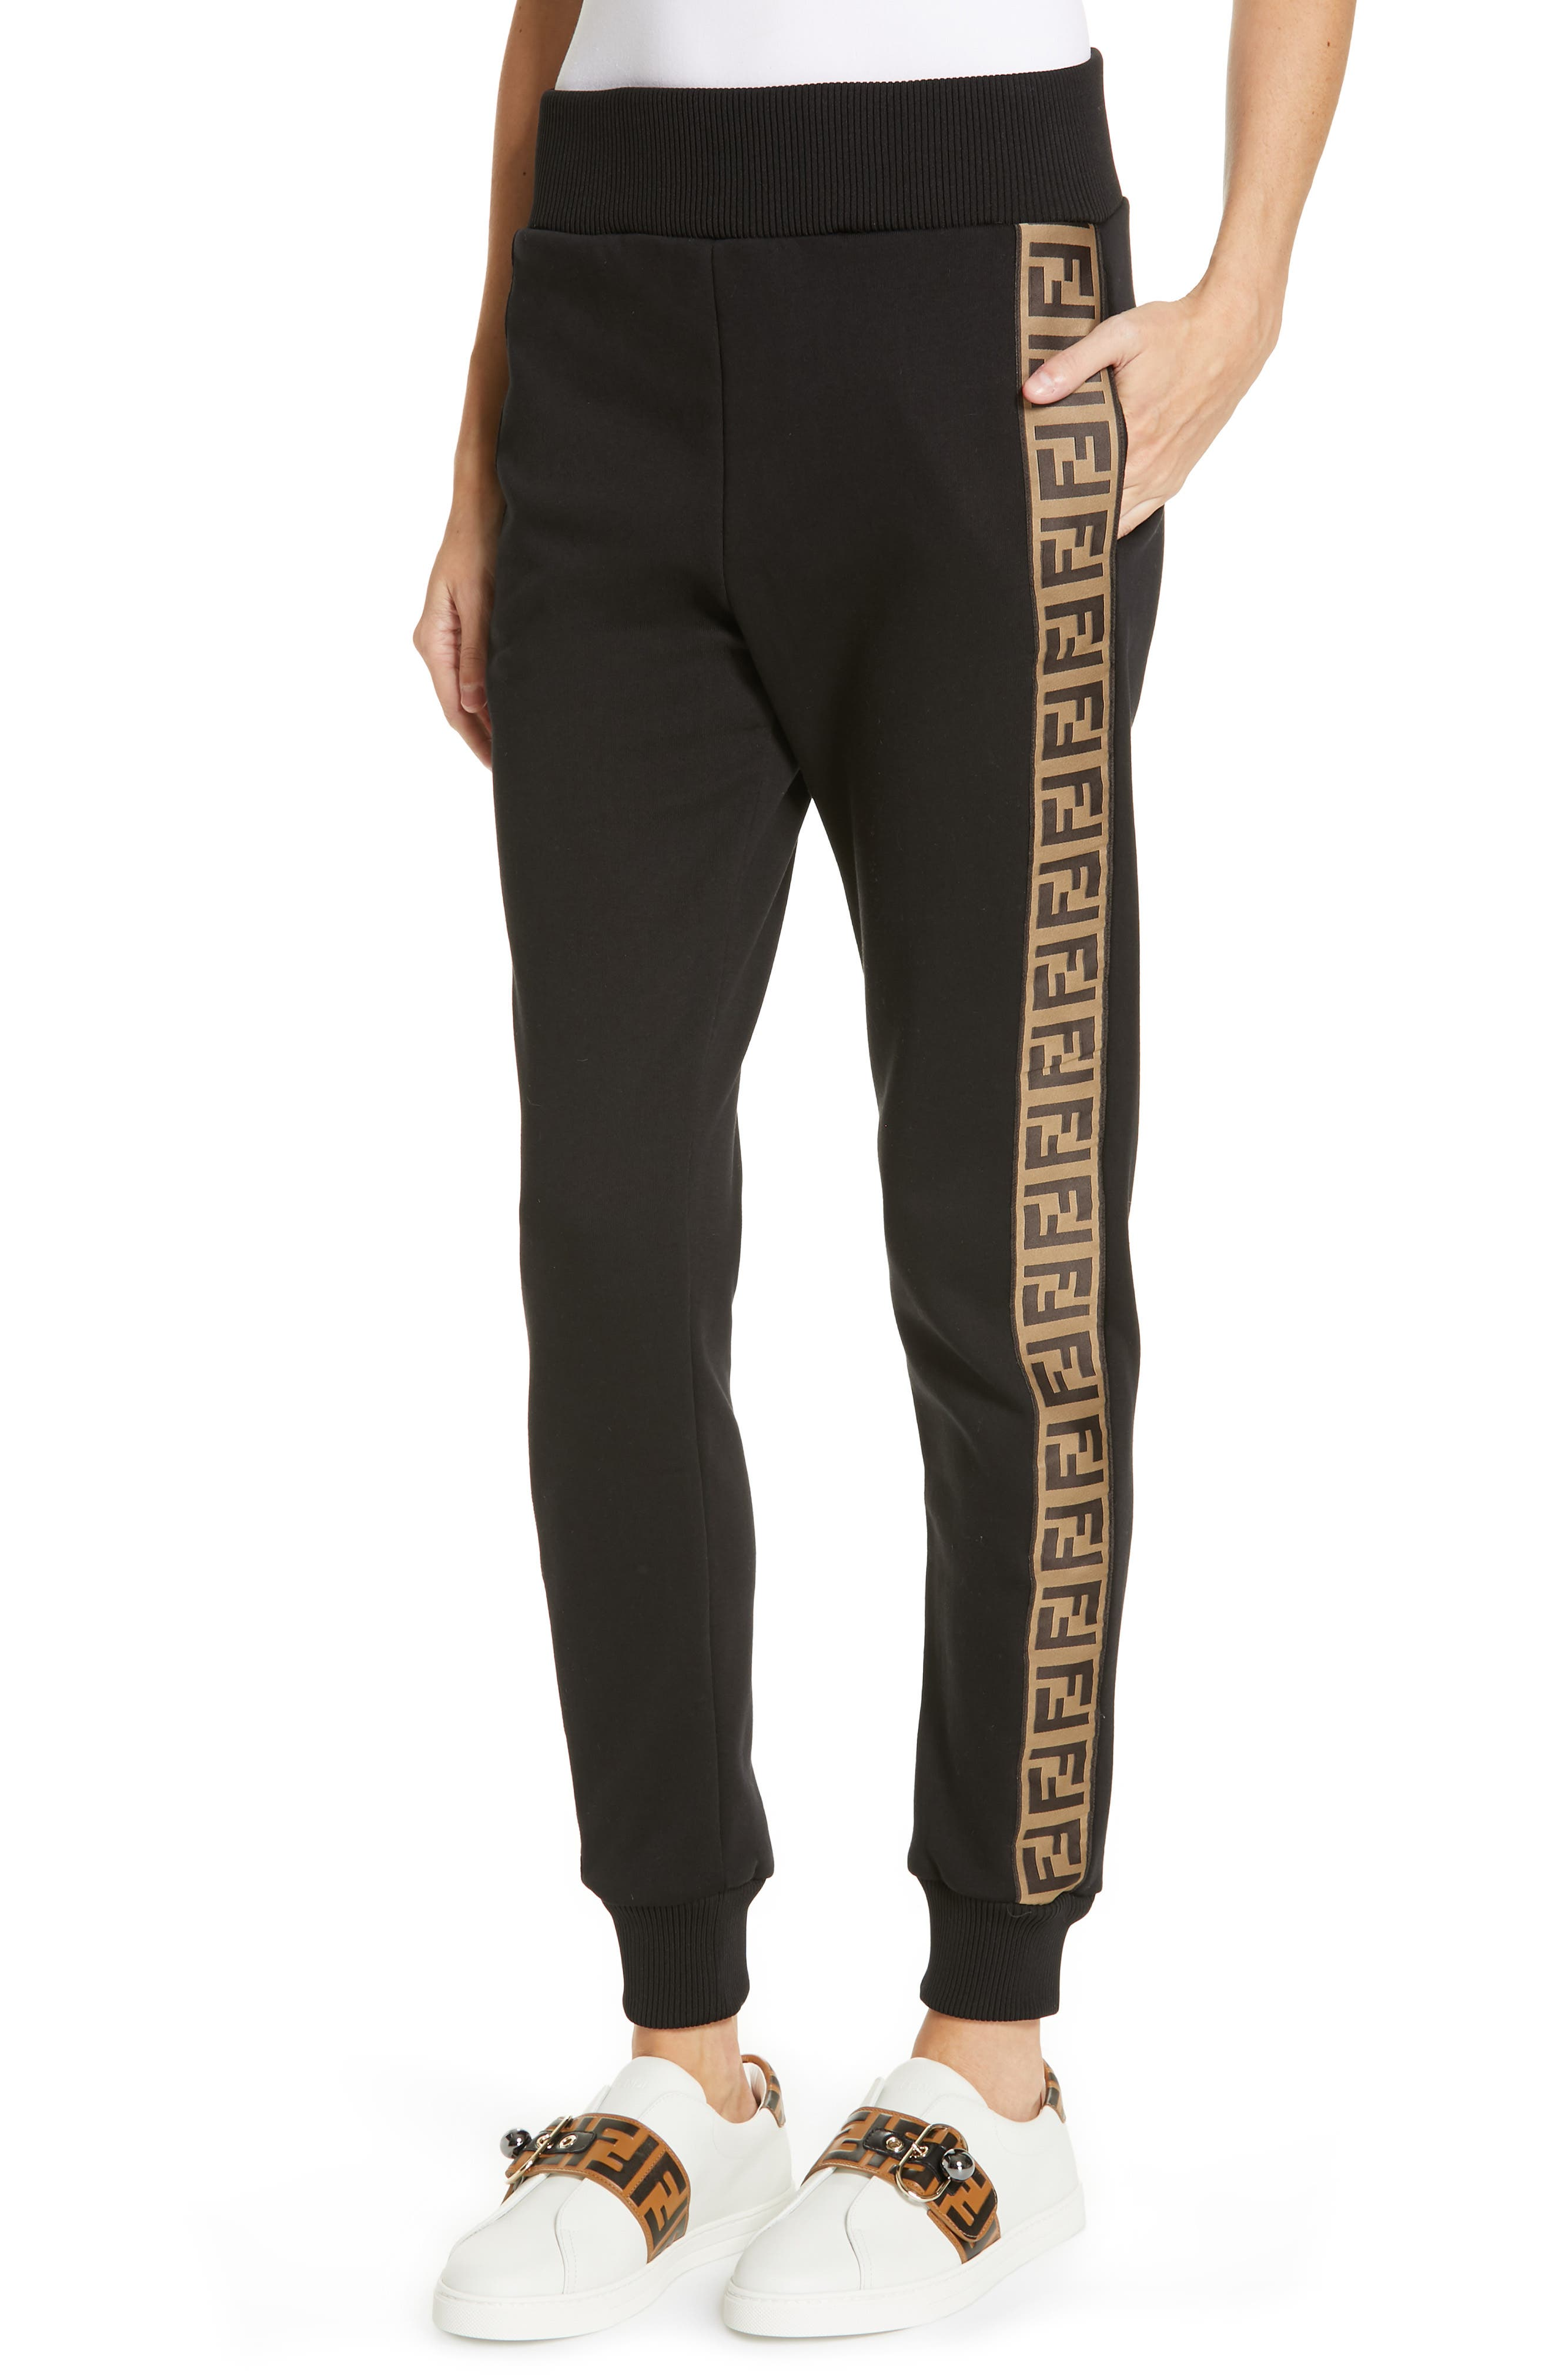 FENDI,                             x FILA Mania Logo Jersey Track Pants,                             Alternate thumbnail 4, color,                             BLACK